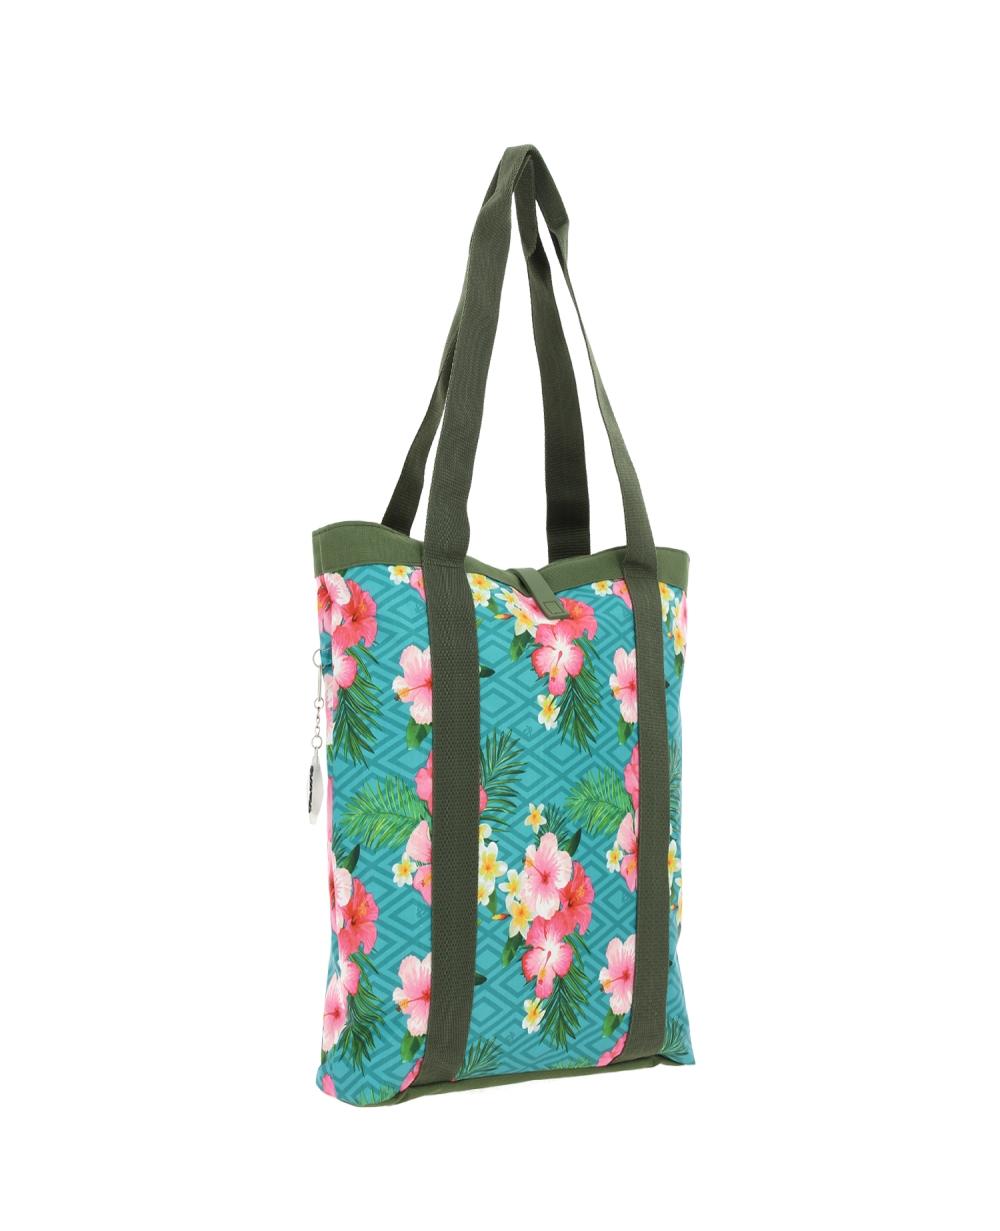 Totto Bolso shopper mujer Verde (Foto )